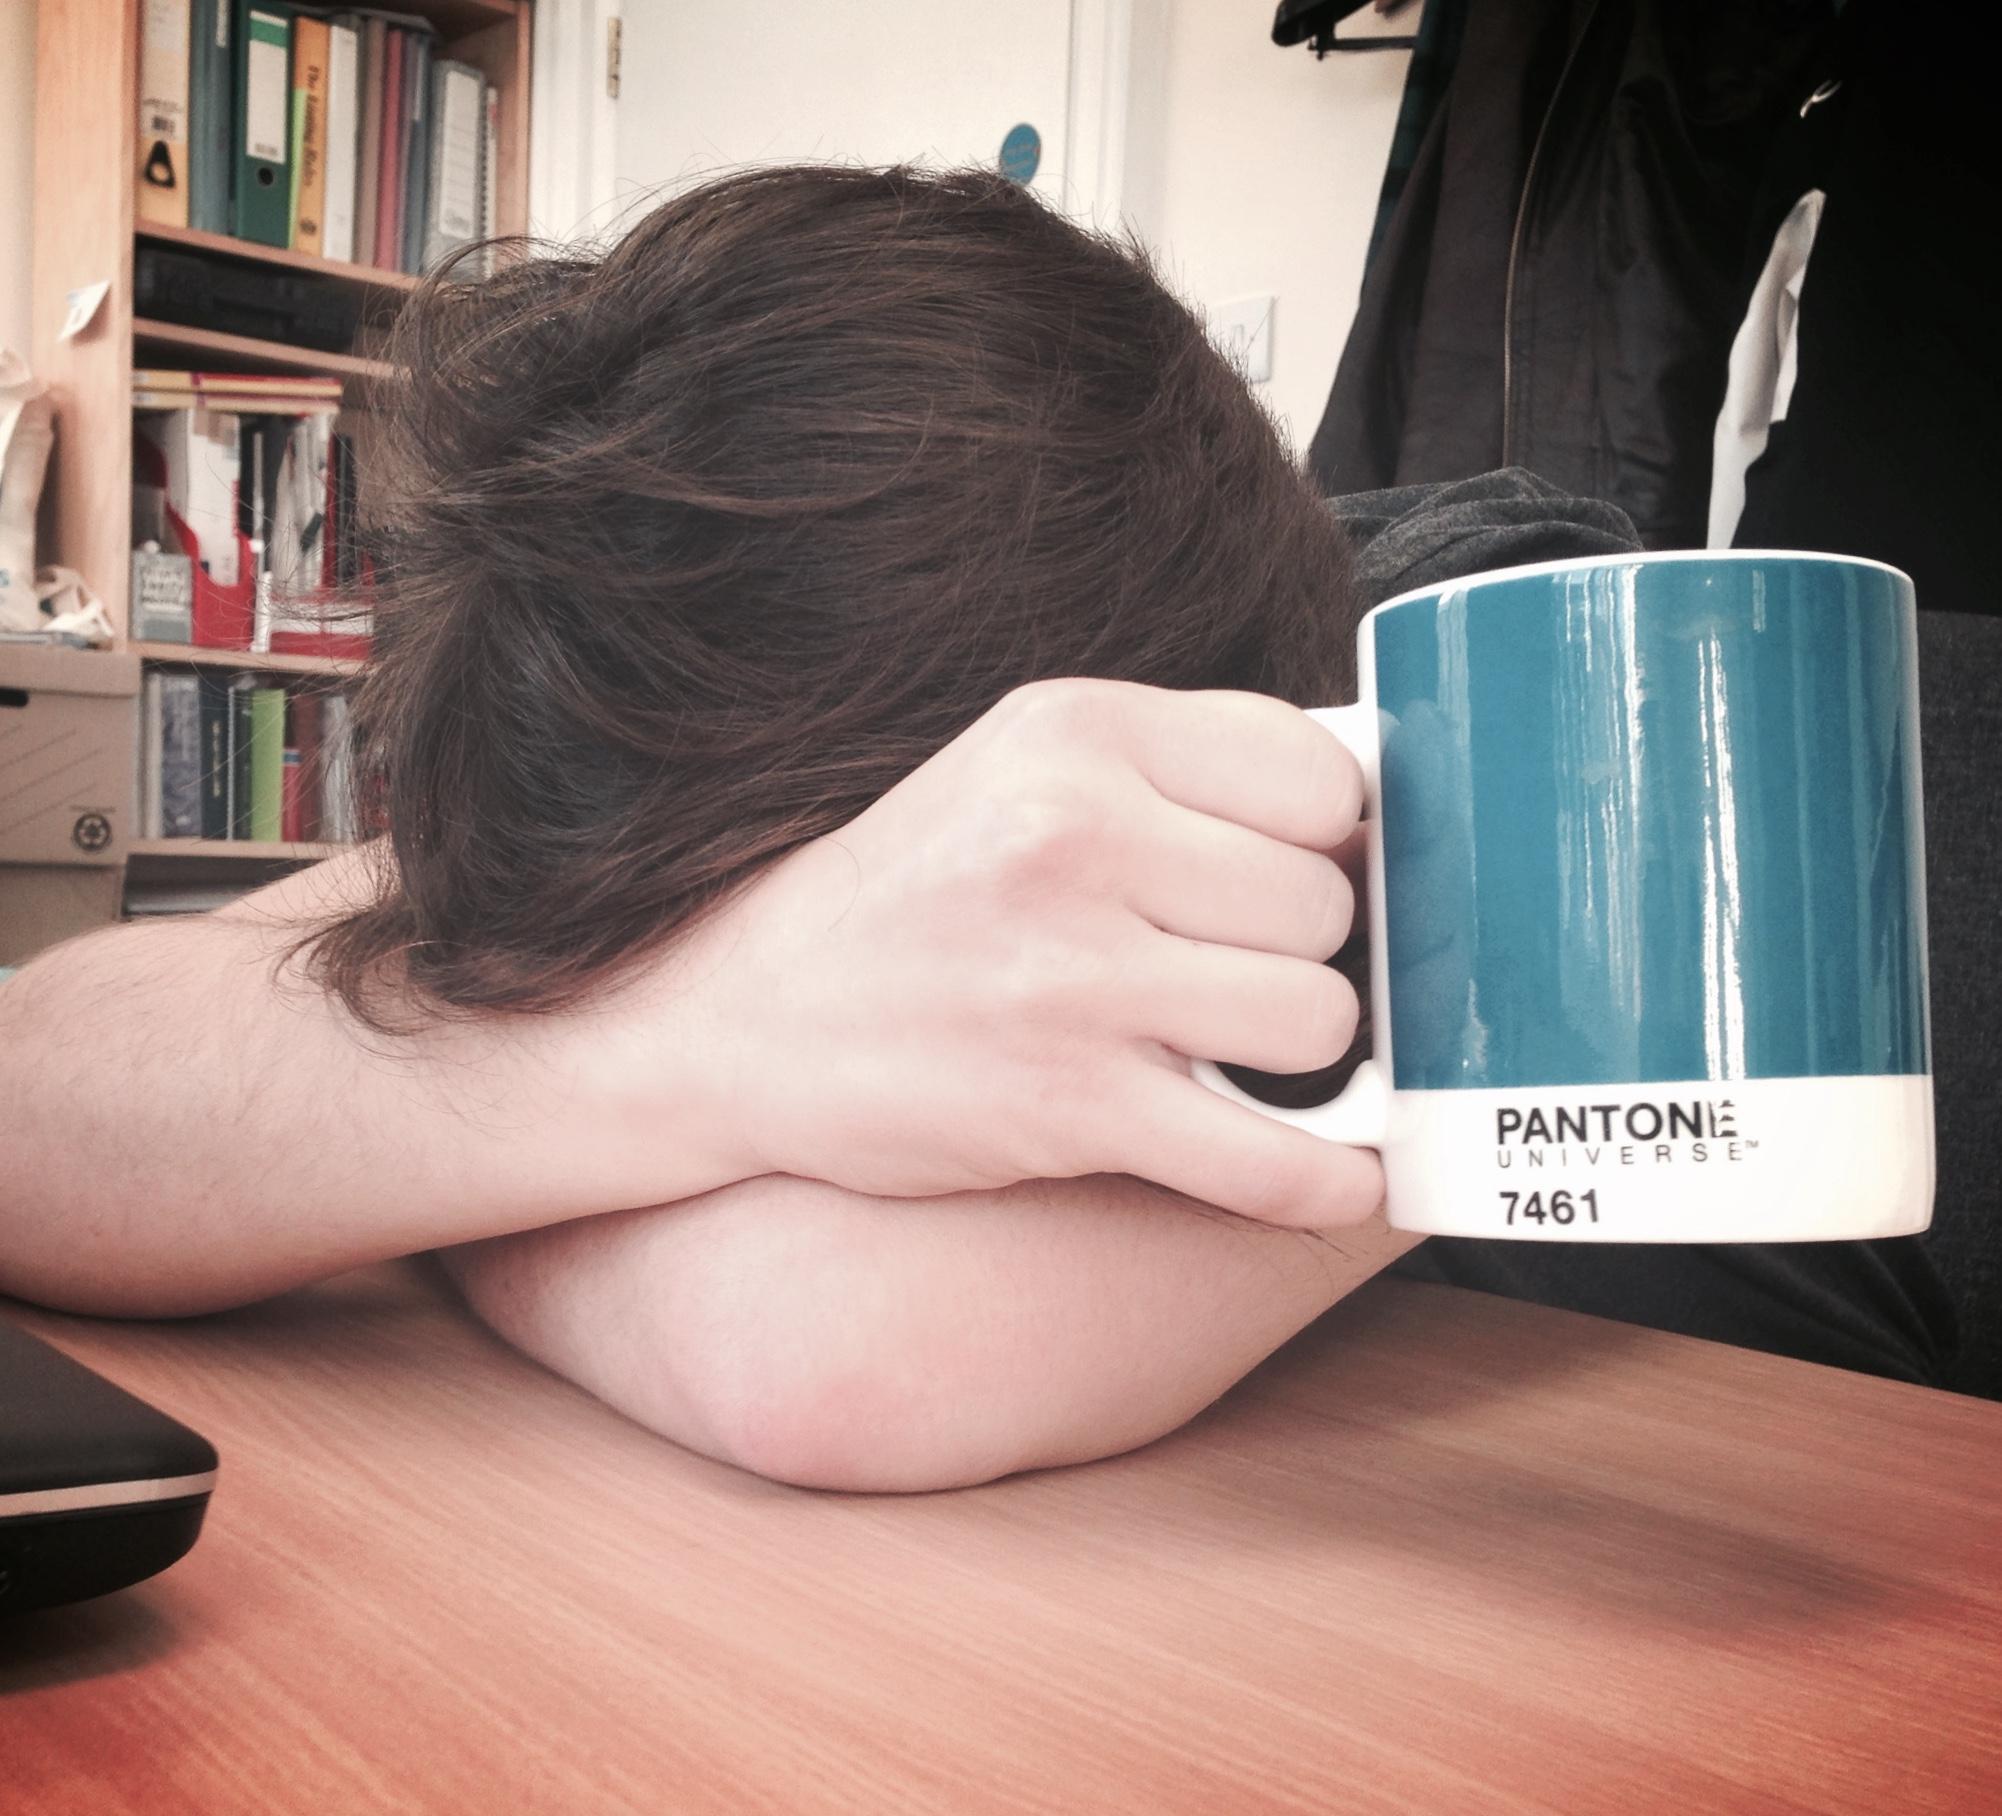 Tiredness at work